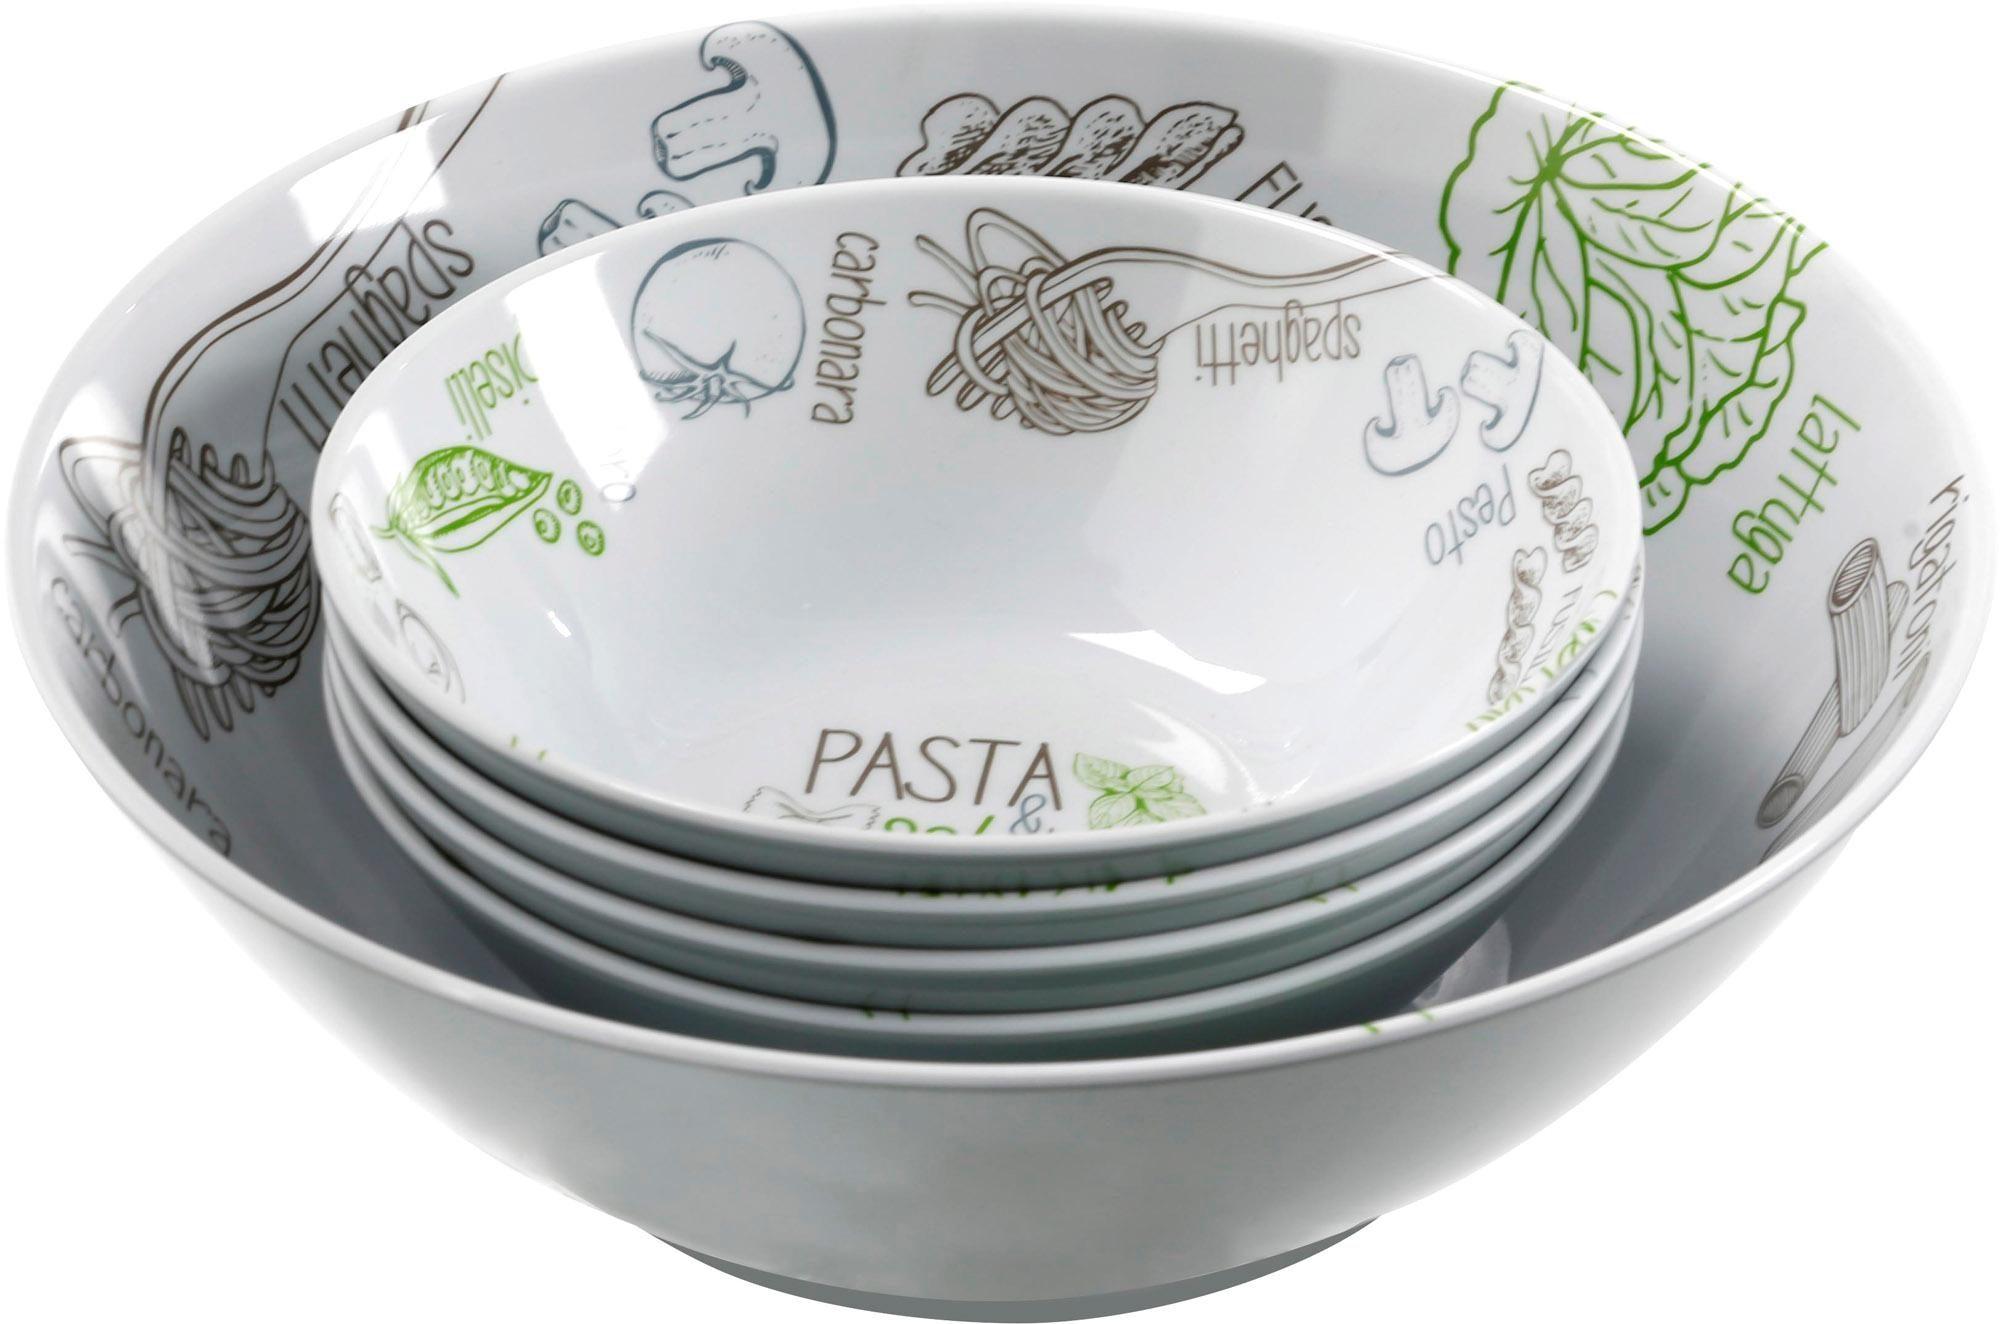 Pasta & Salad Set (5pz)